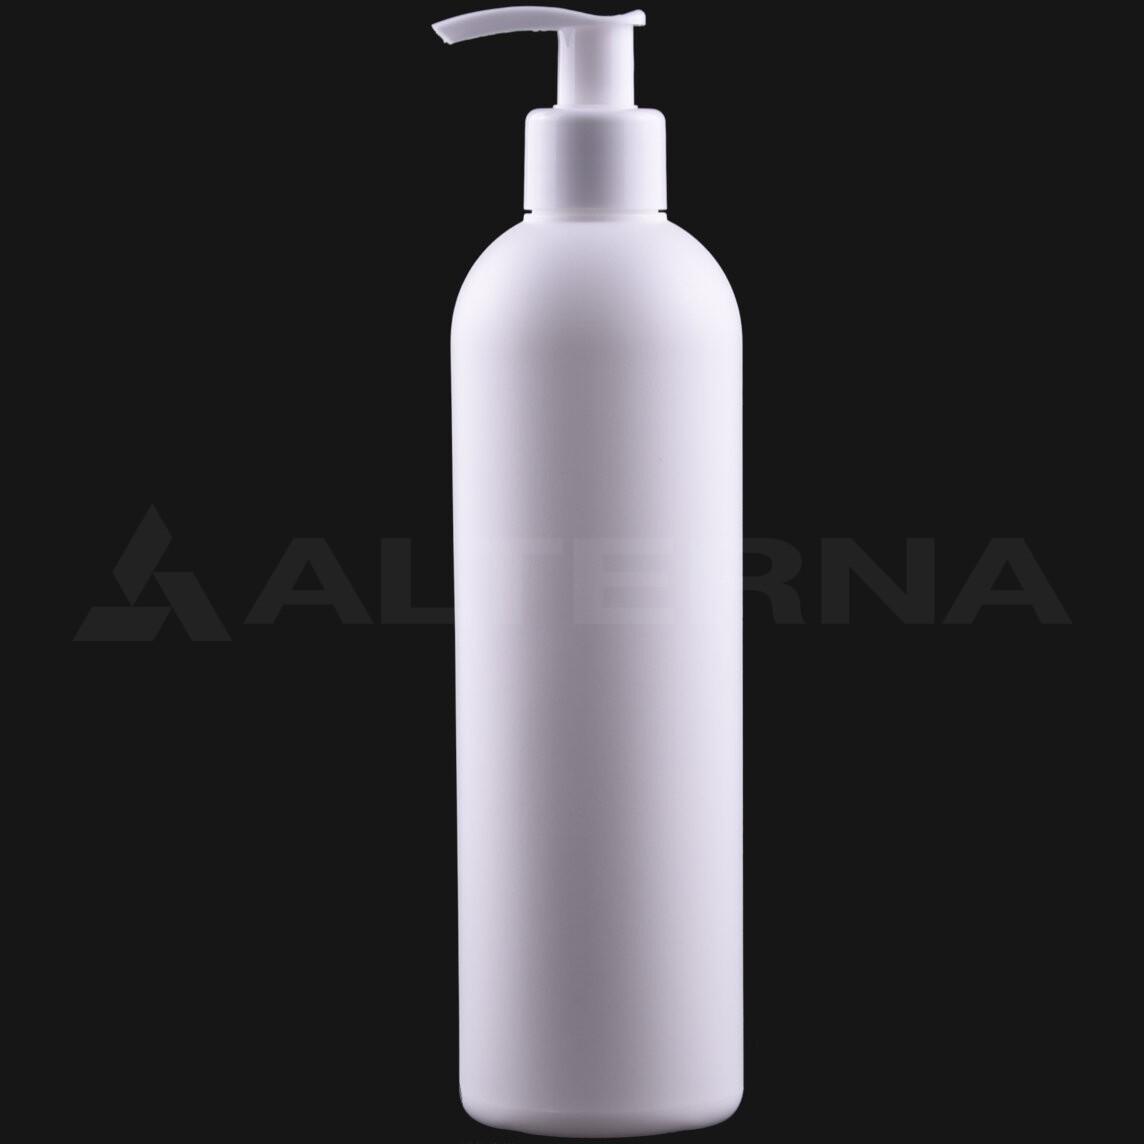 400 ml HDPE Bottle with 24 mm Pump Dispenser